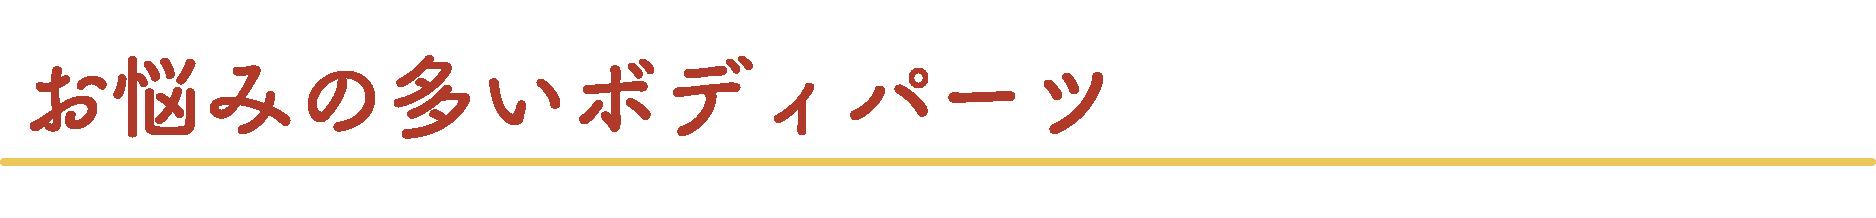 midashi 22 - 骨盤美脚コース